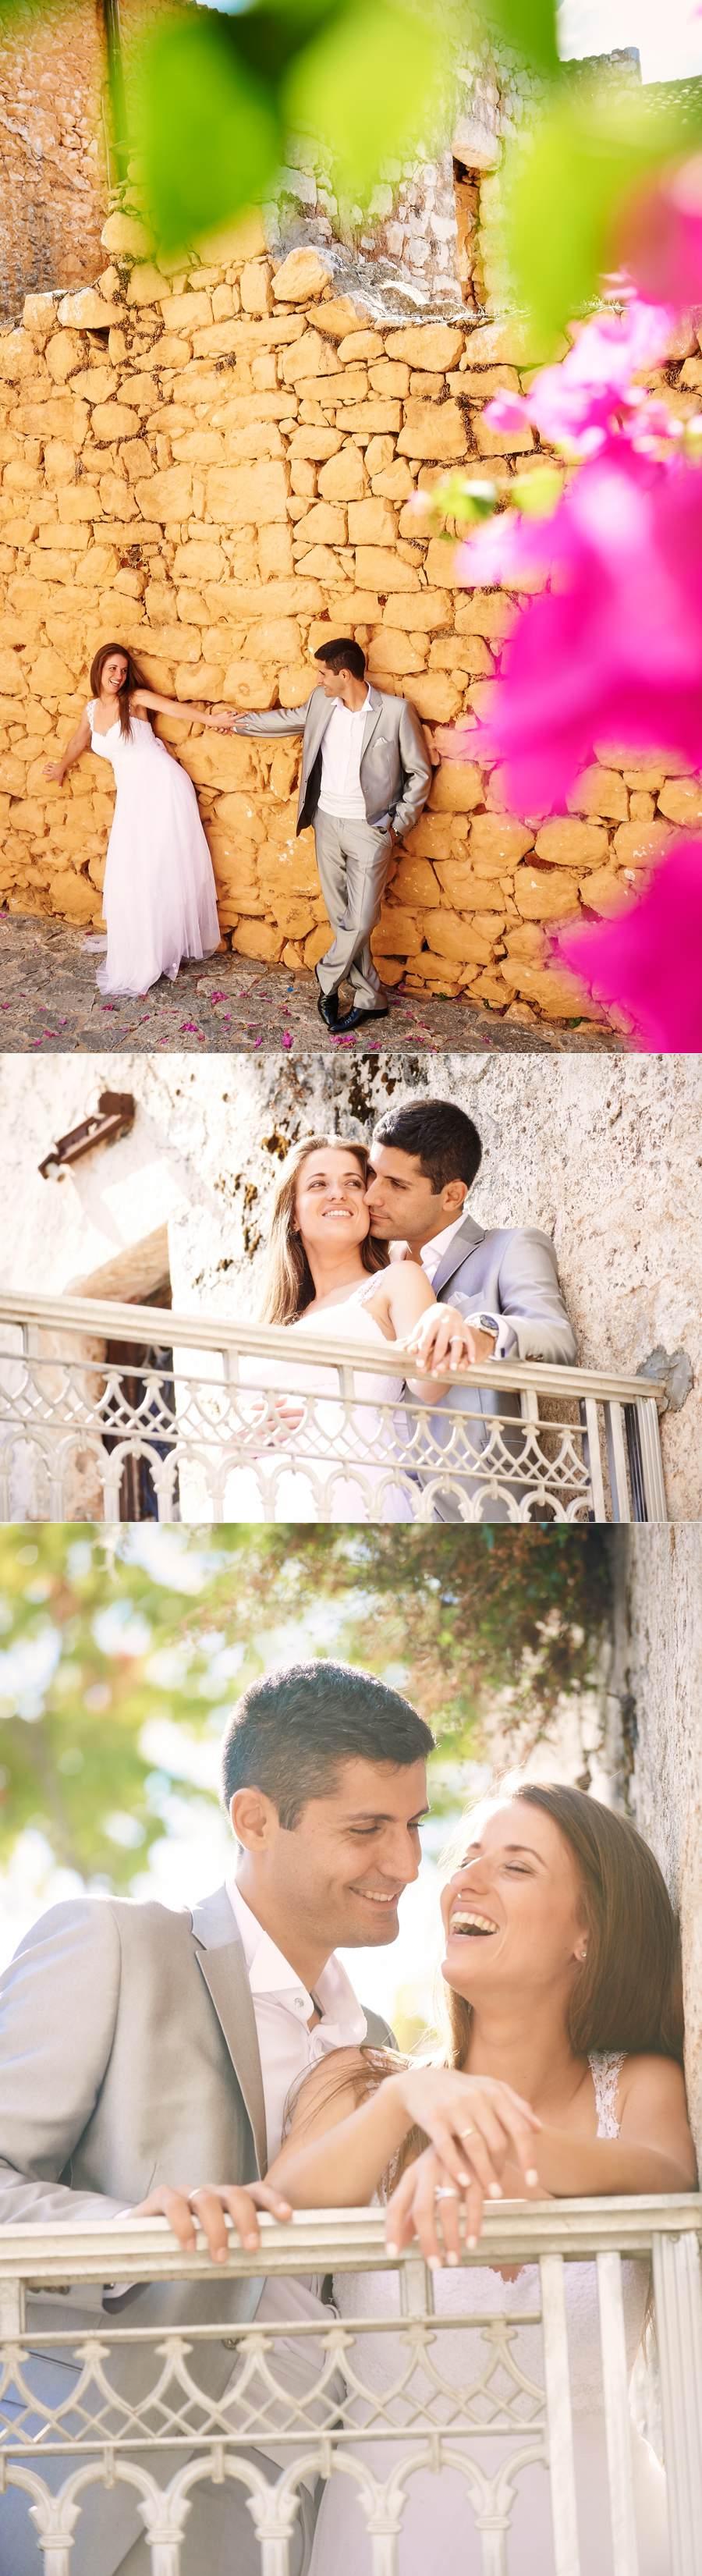 Nikos Anastasia wedding photos_0023